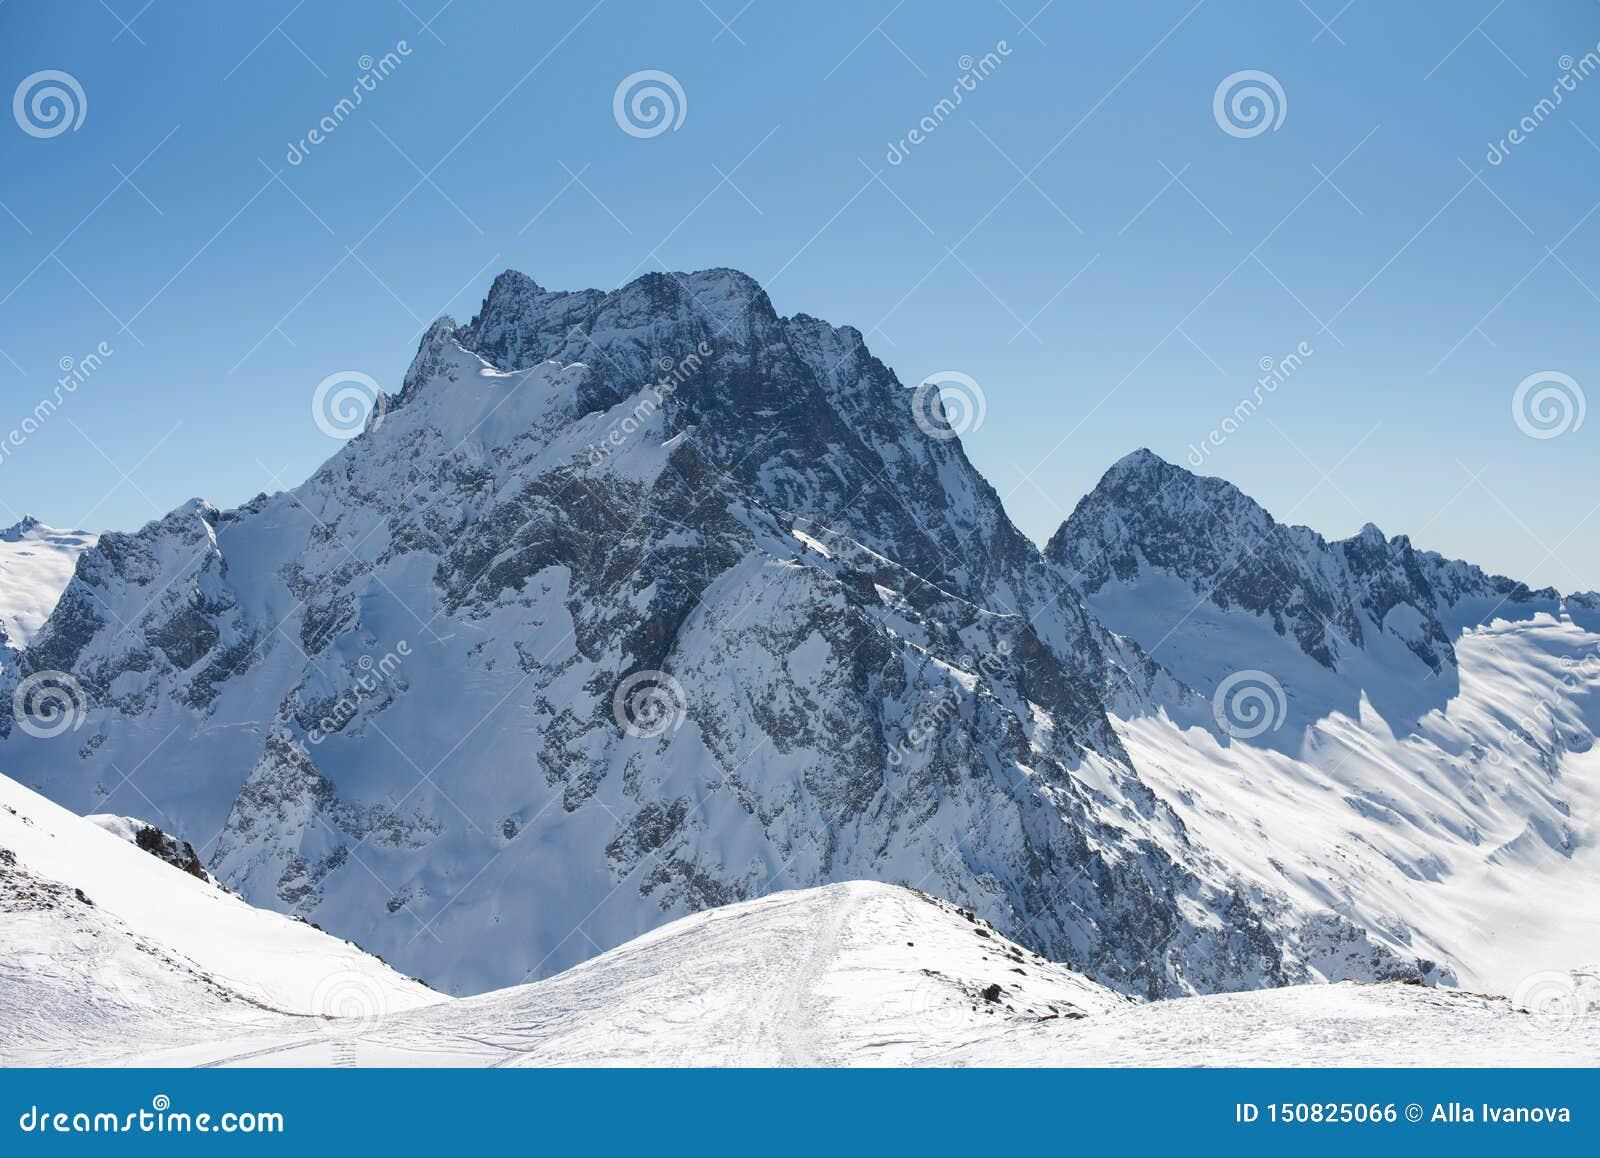 Χειμερινά βουνά με το χιόνι και το μπλε ουρανό στη συμπαθητική ημέρα ήλιων Έννοια χιονοδρομικών κέντρων και αθλητισμού Βουνά Καύκ